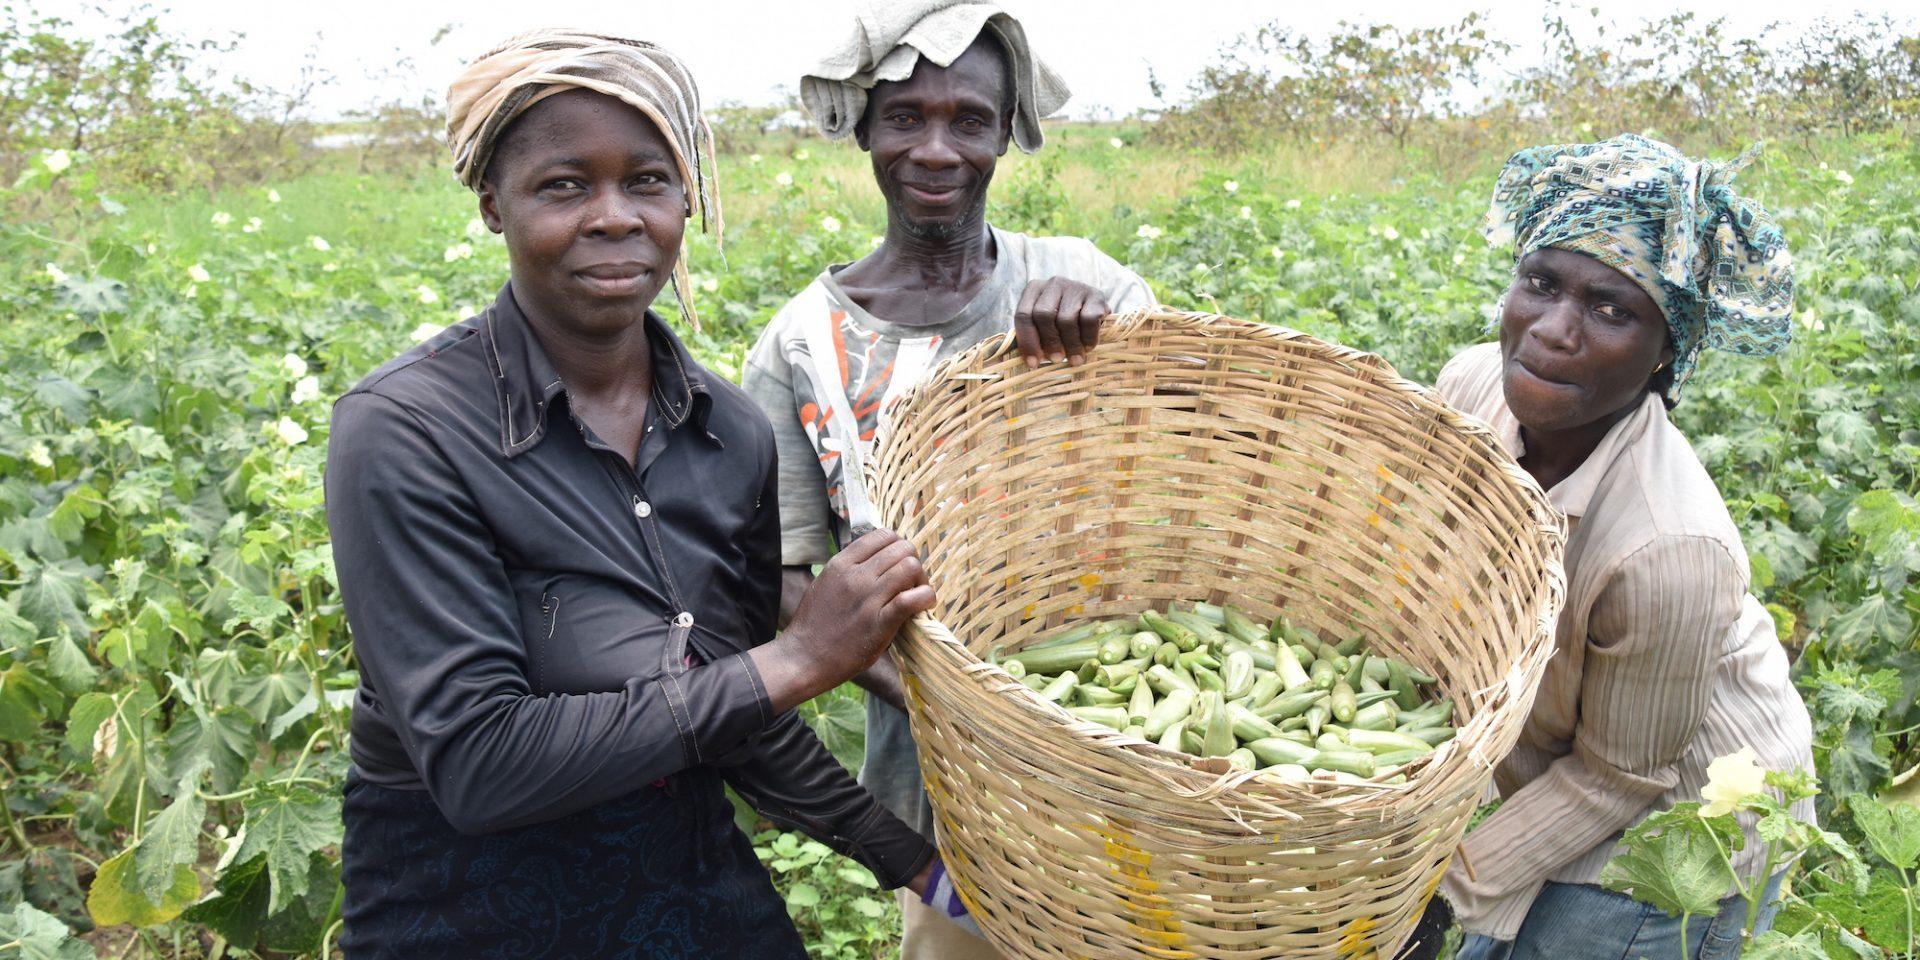 Okraodlarna Joyce, Franklin och Victoria, visar delar av skörden i Mem Chemfre, i östra Ghana 2020. Idag uppmärksammas World Hunger Day av organisationen The Hunger Project.